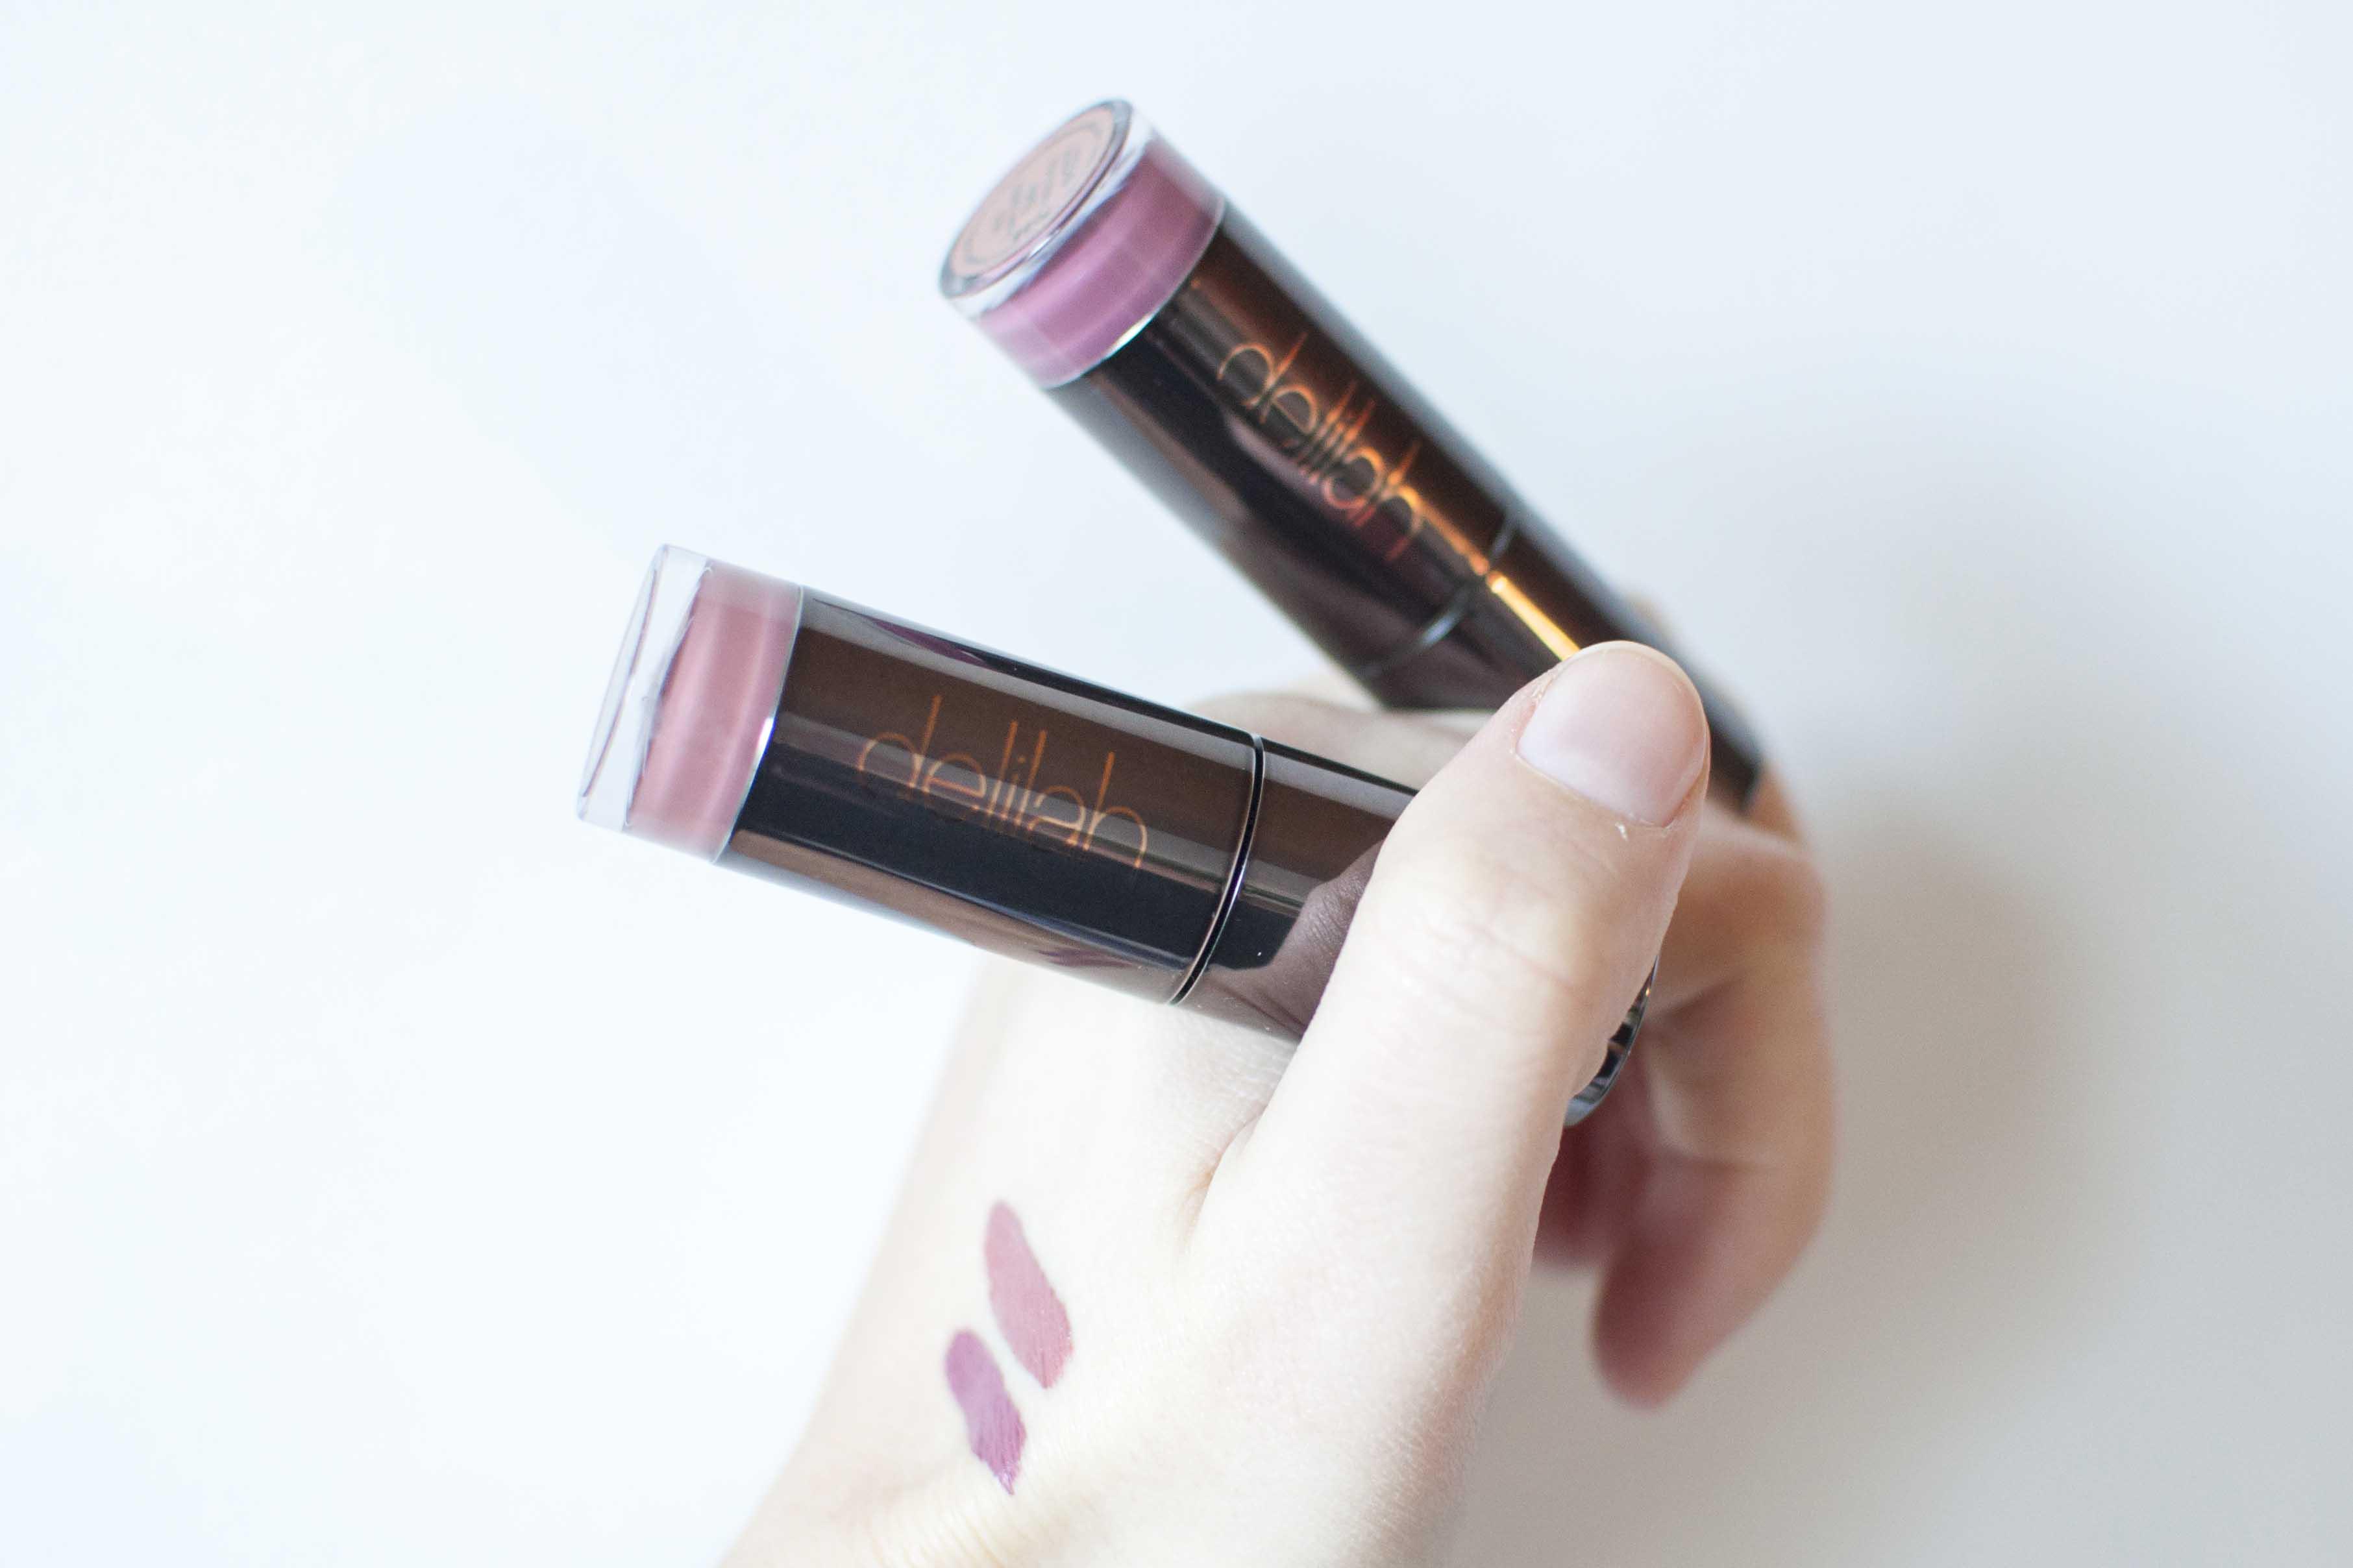 review delilah lipstick liquid lip cracker